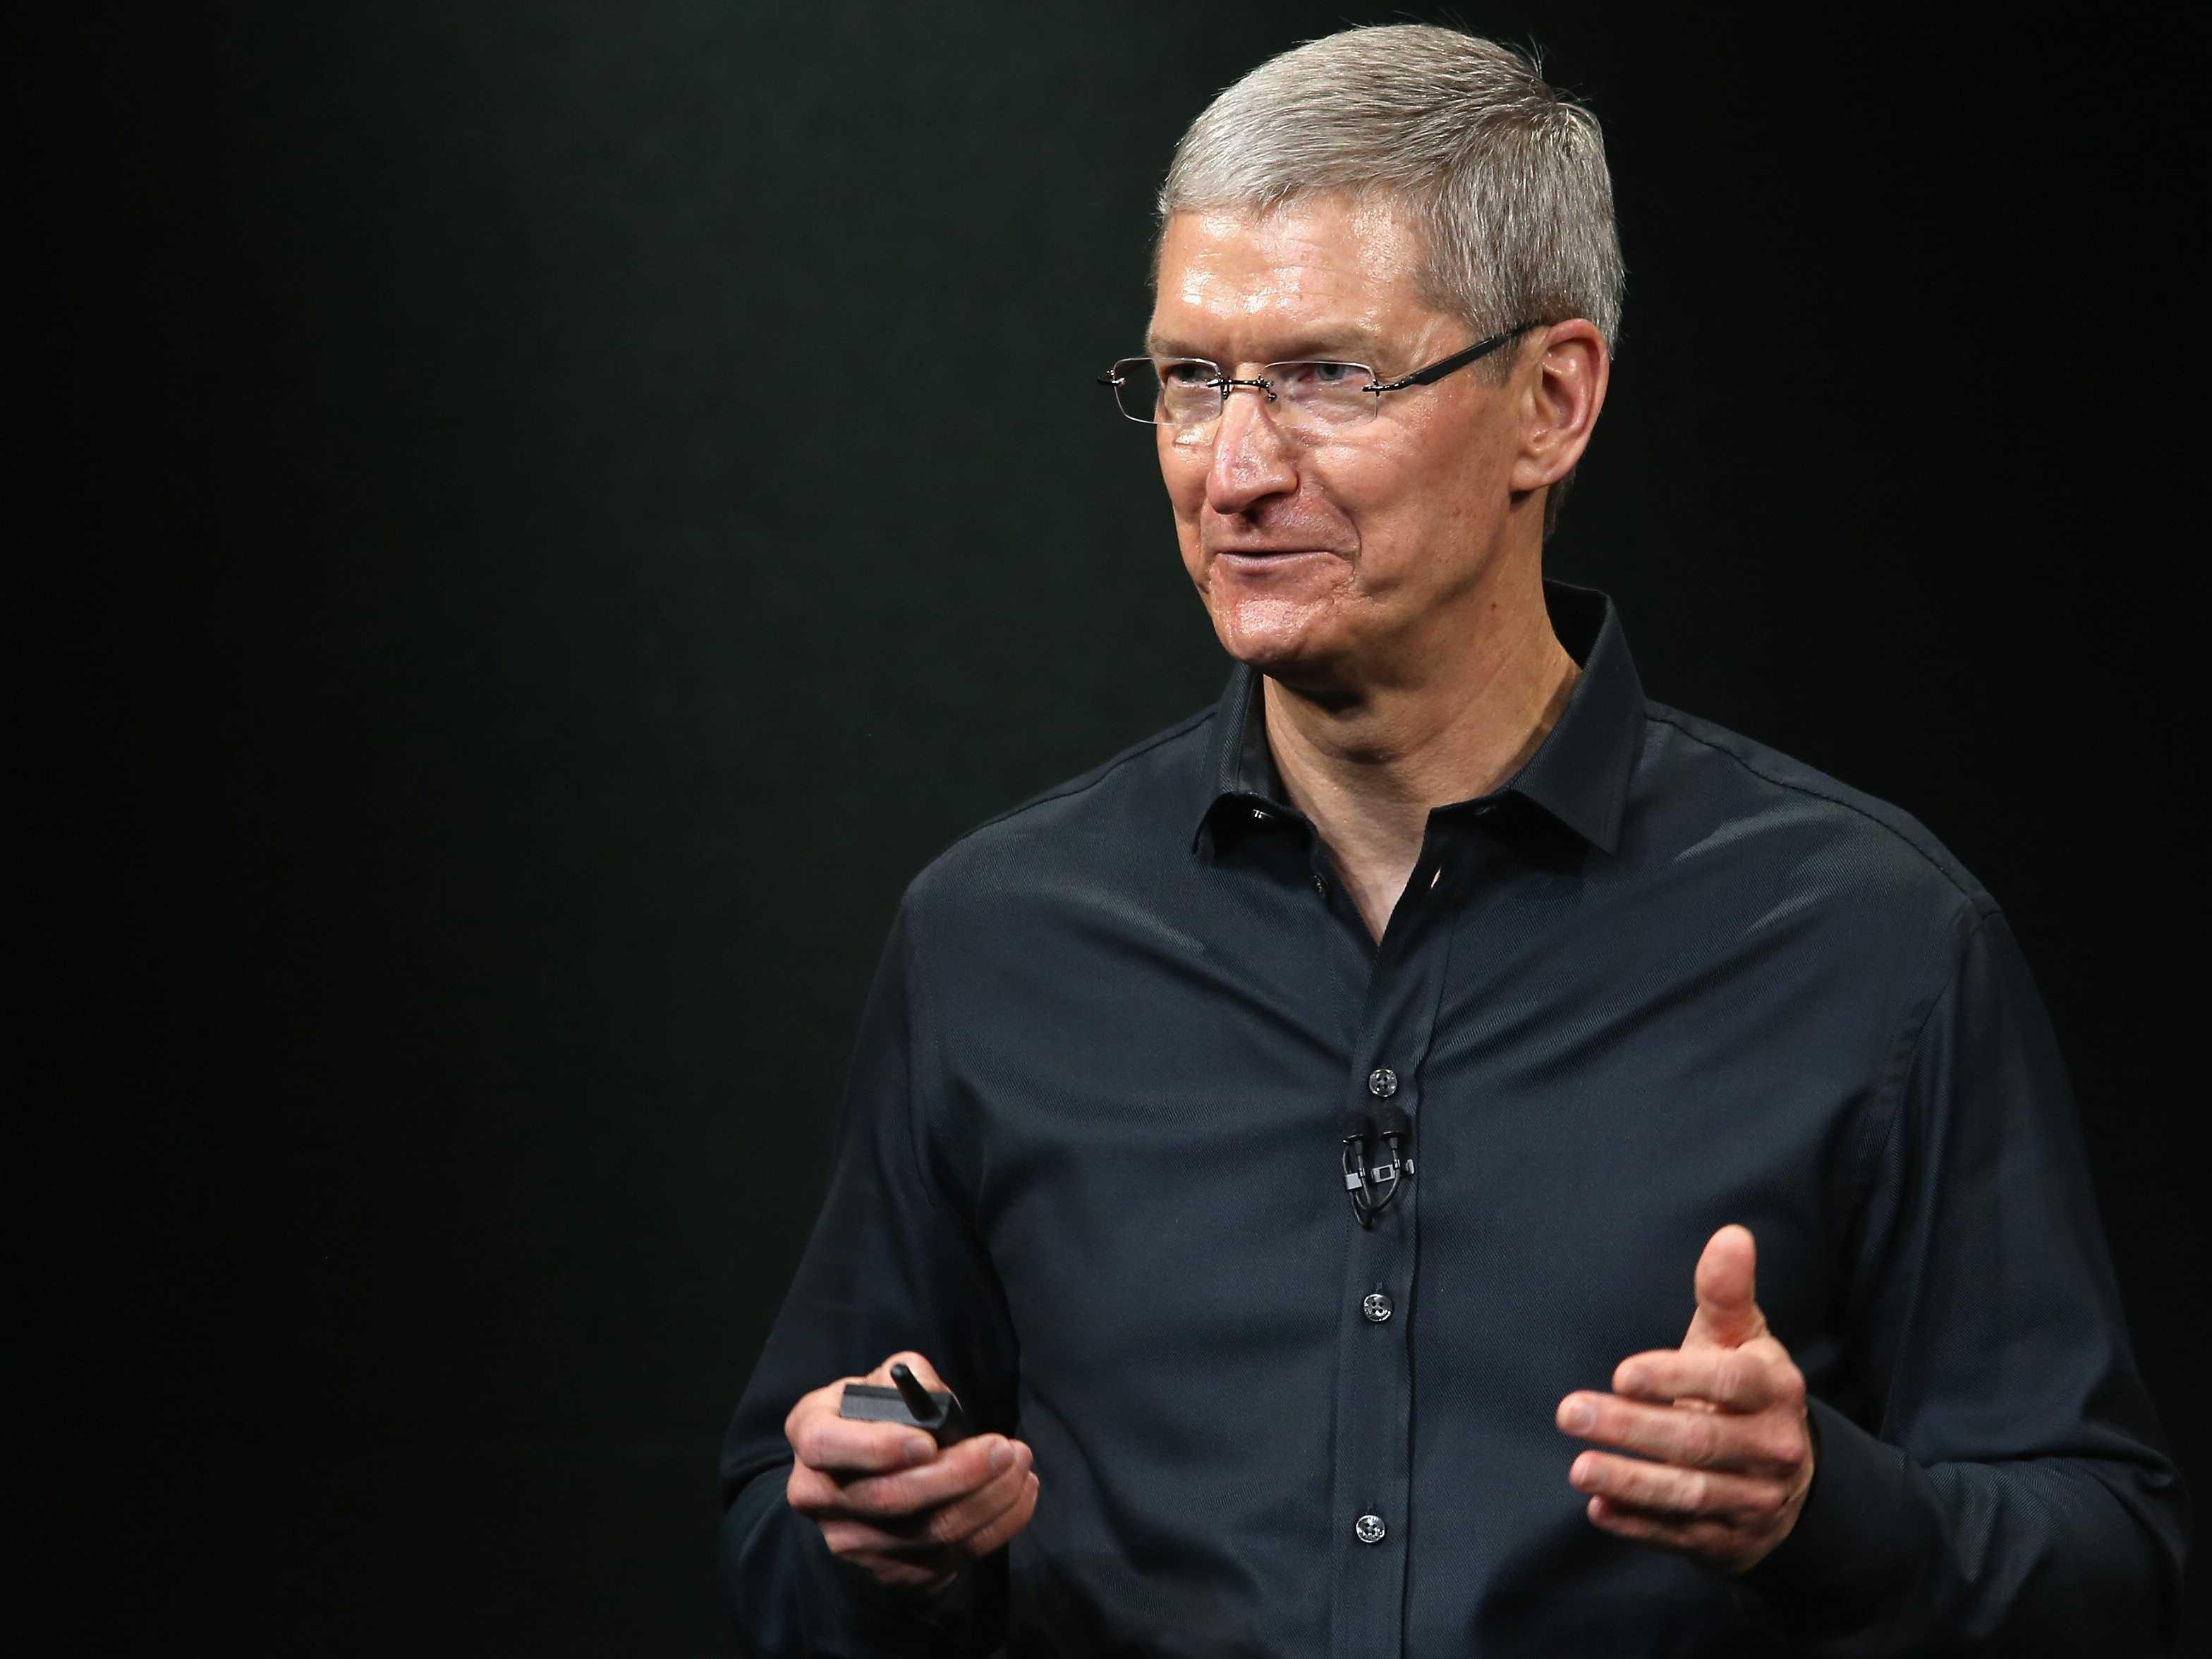 Презентация новых iPad состоится 16 октября